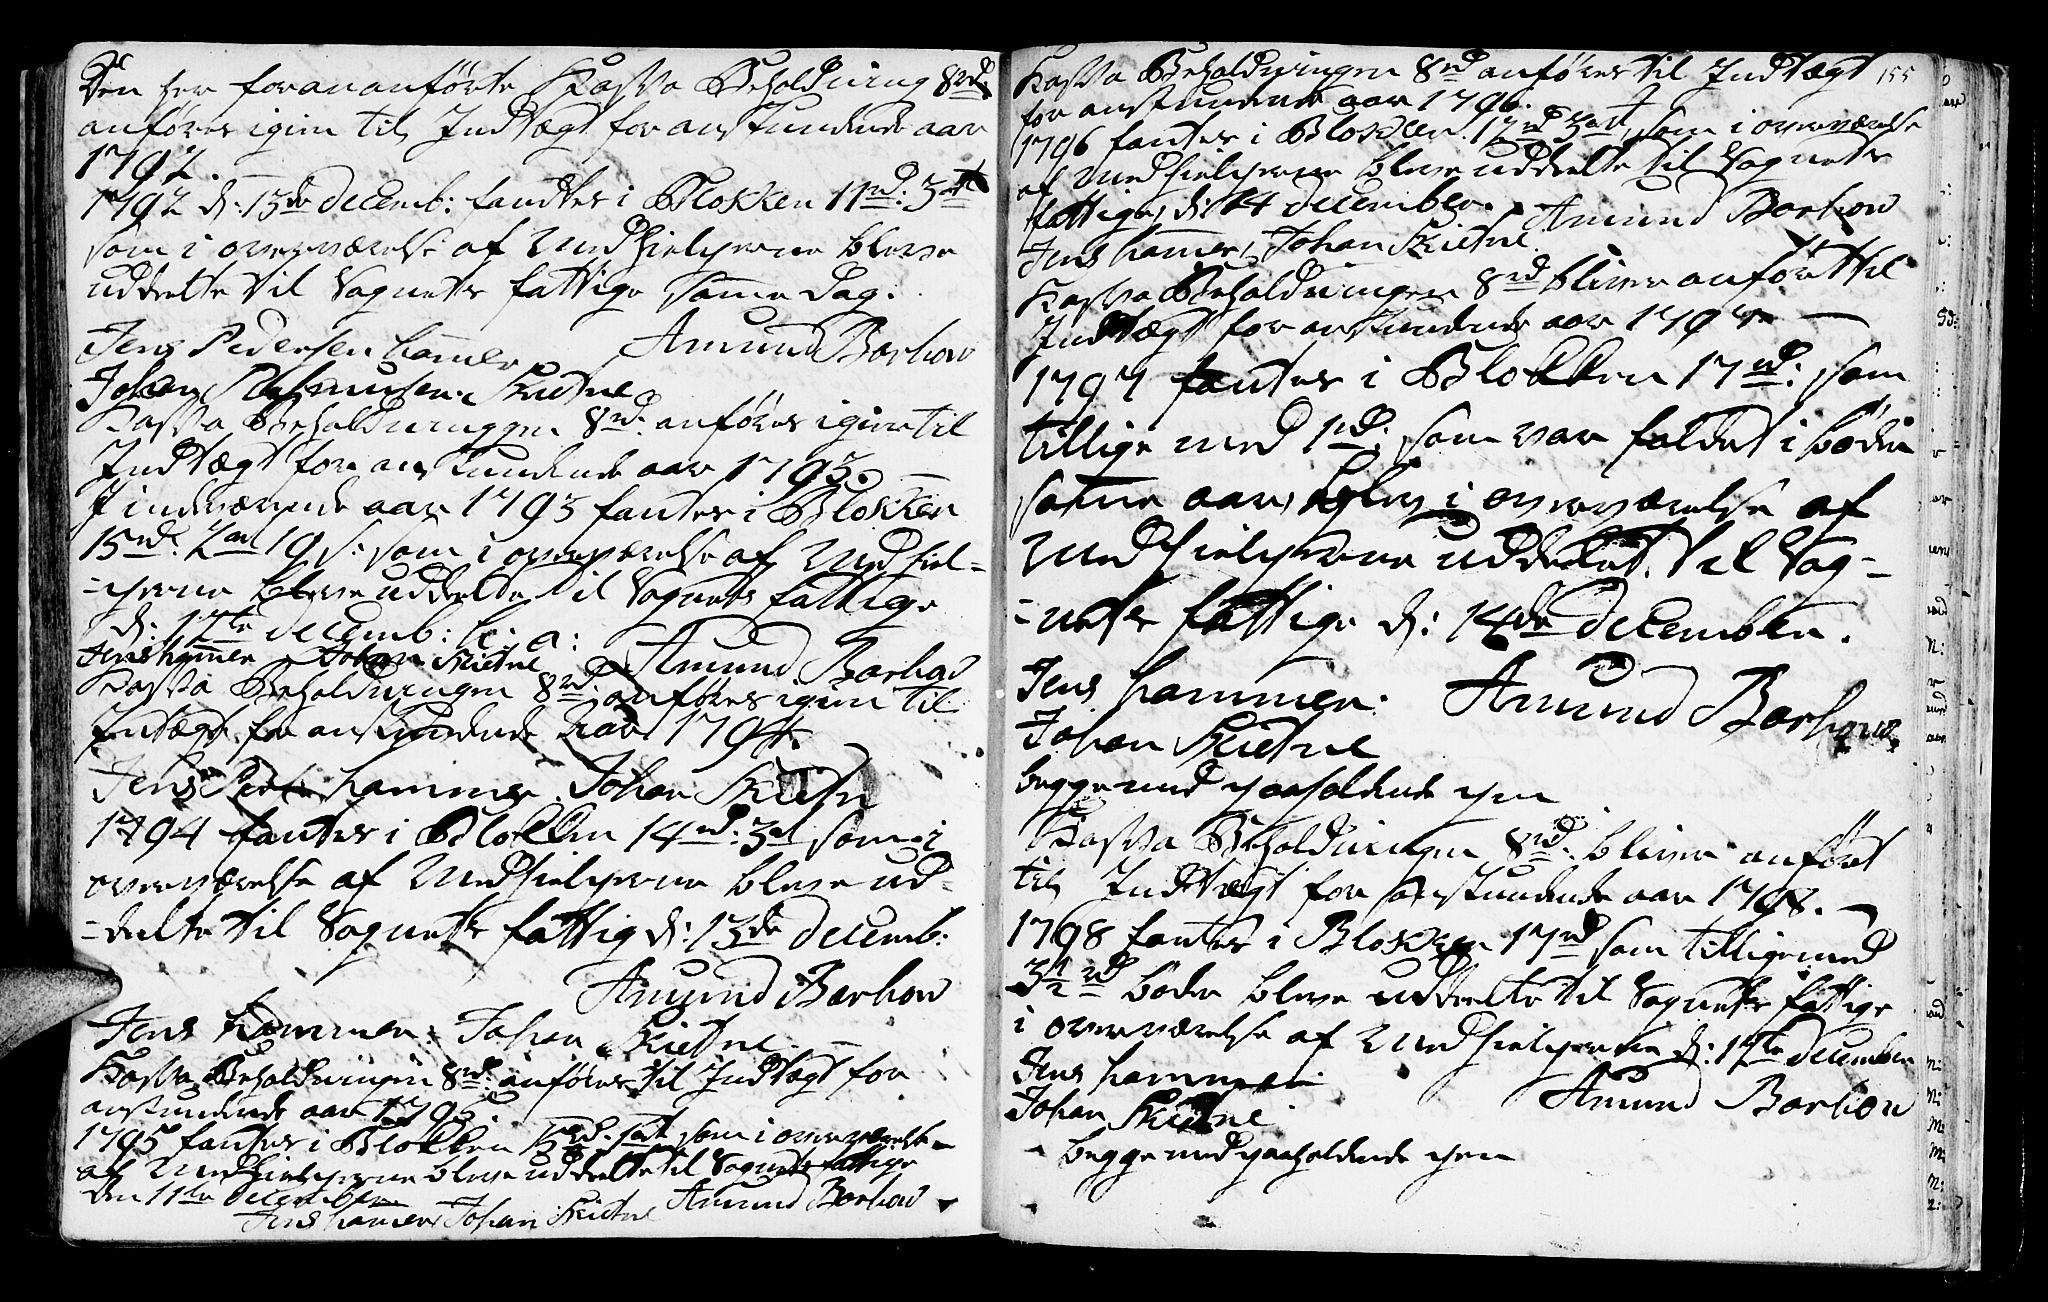 SAT, Ministerialprotokoller, klokkerbøker og fødselsregistre - Sør-Trøndelag, 665/L0768: Ministerialbok nr. 665A03, 1754-1803, s. 155